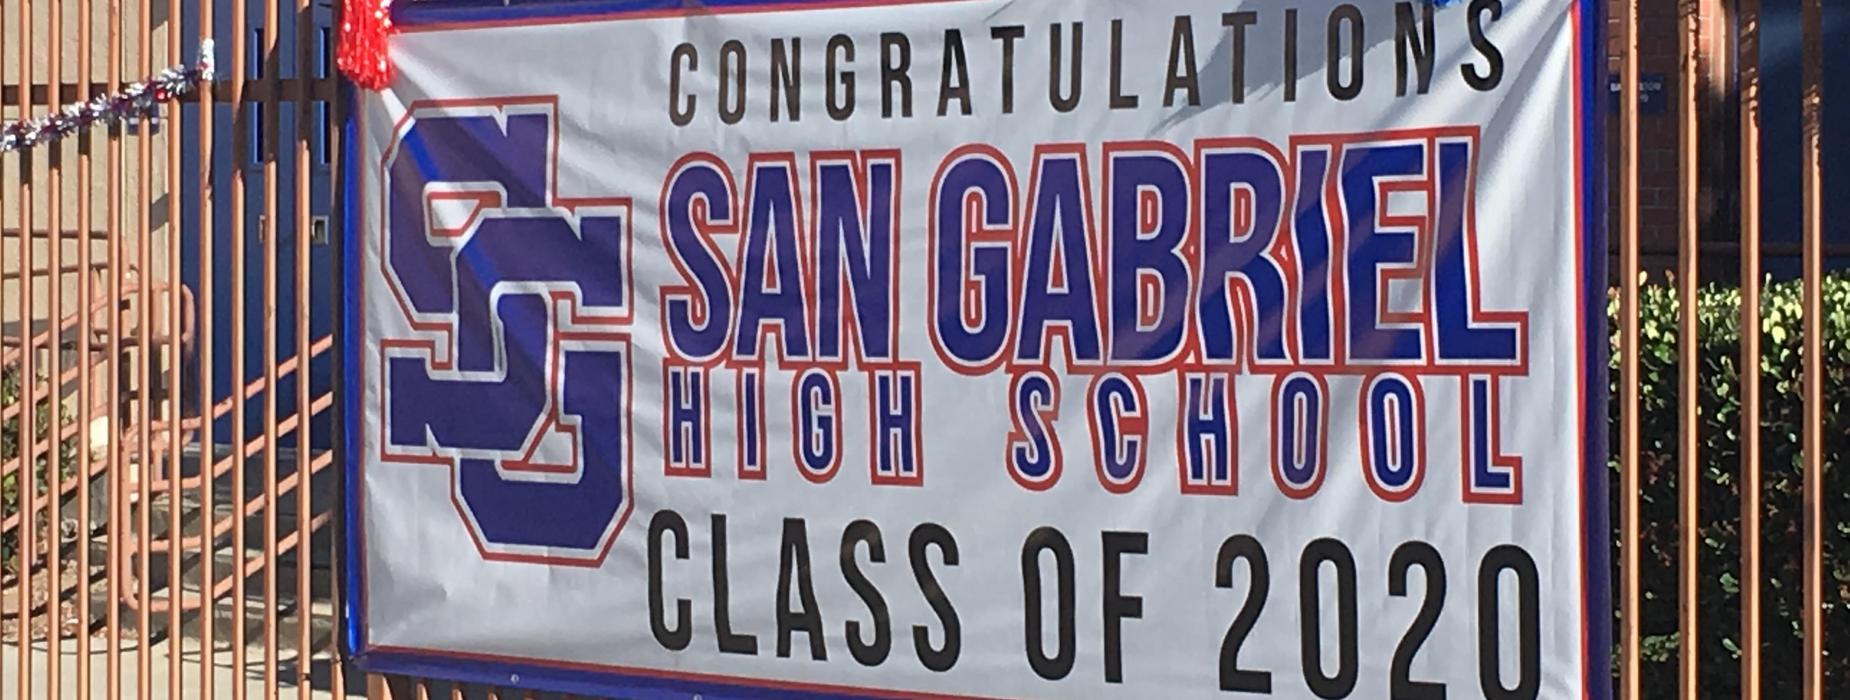 Congratulating Class of 2020 Banner